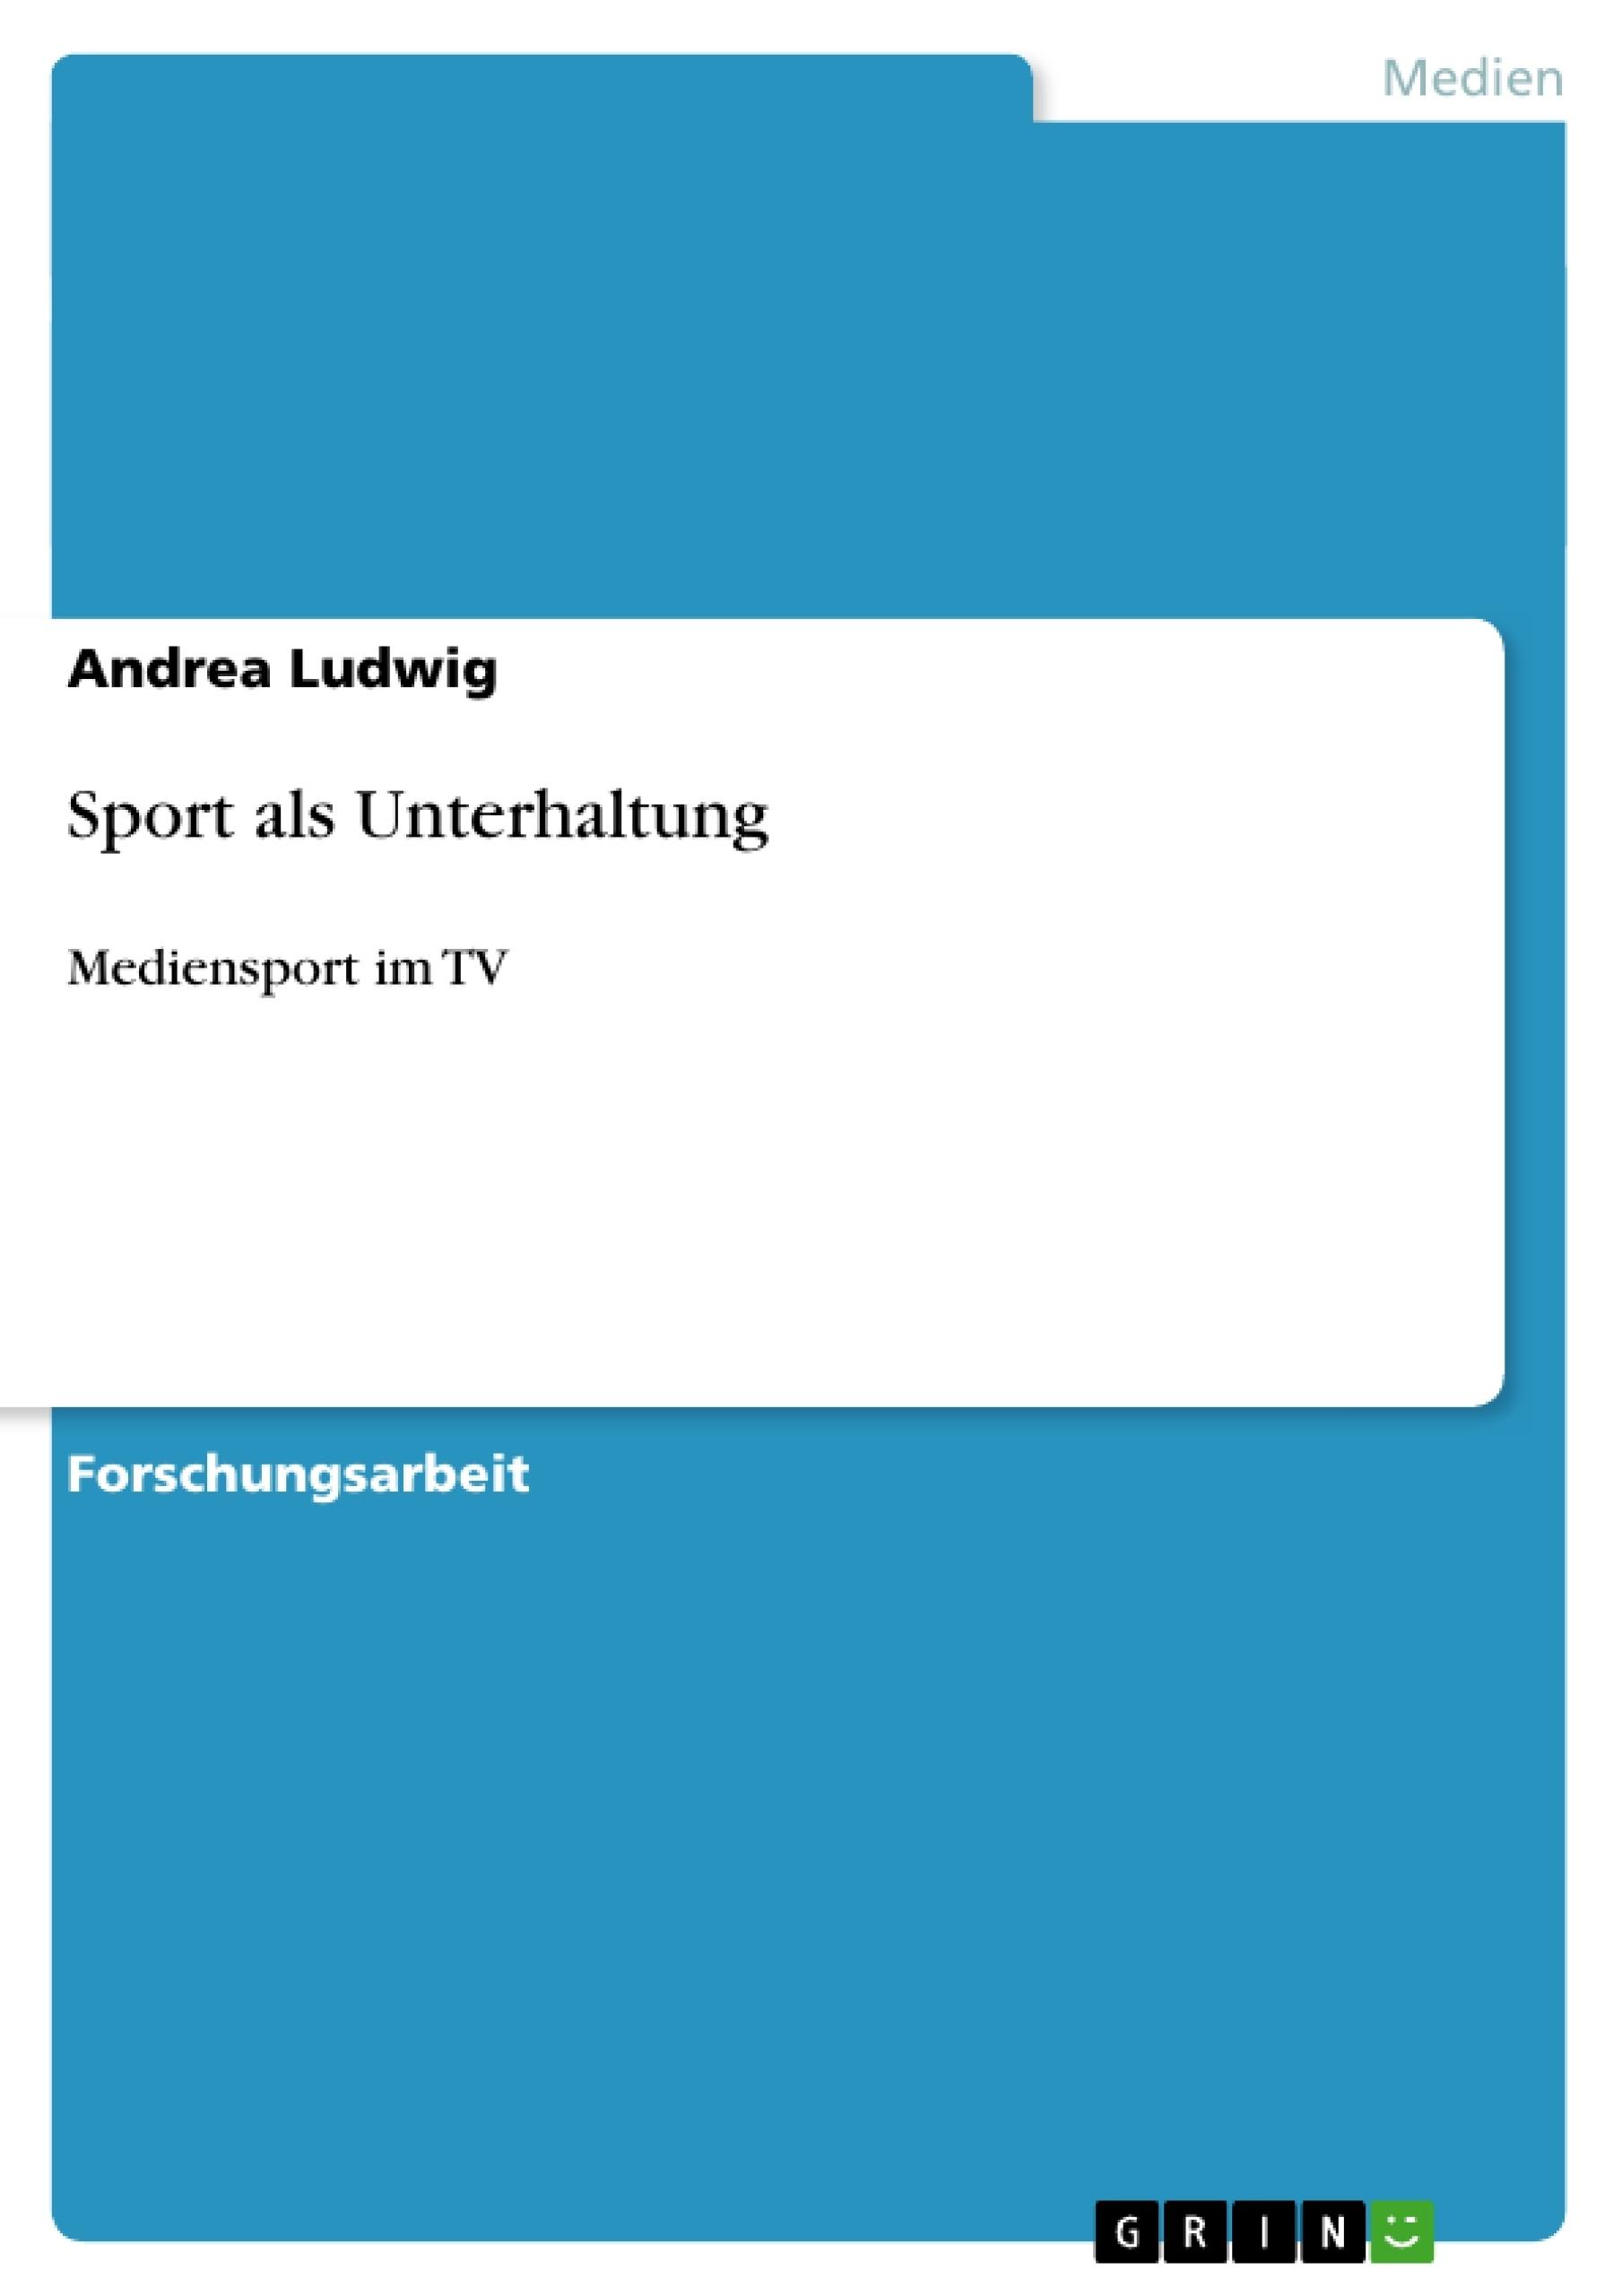 Titel: Sport als Unterhaltung